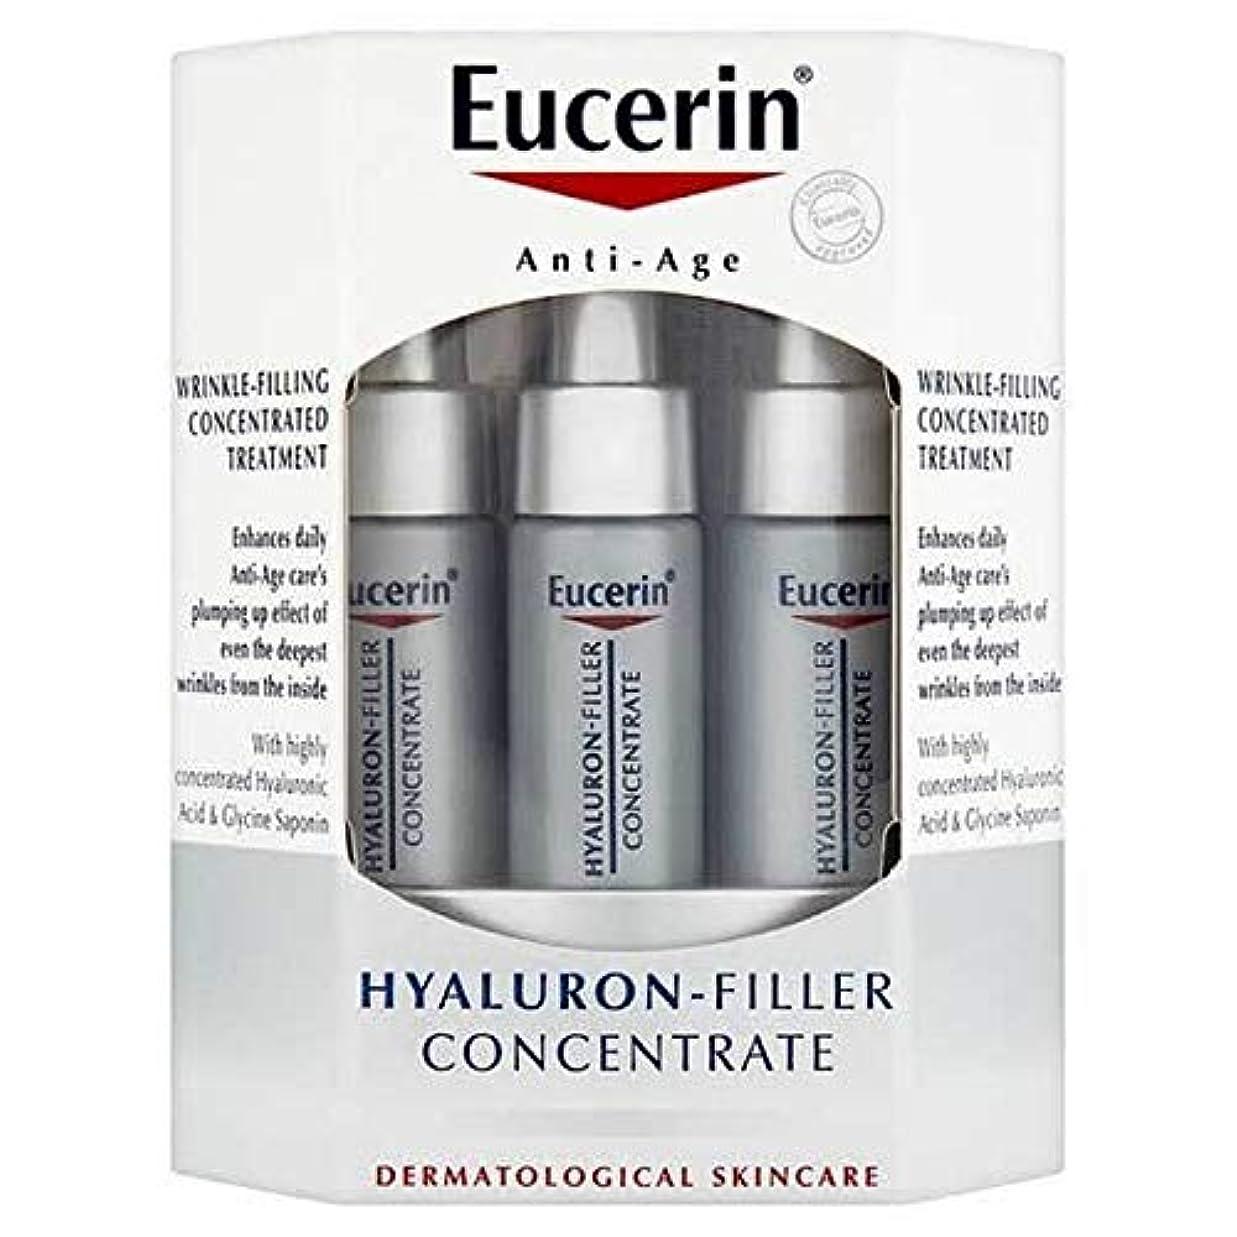 アパル引退するスクラッチ[Eucerin ] ユーセリンヒアルロンフィラー濃縮6X65Ml - Eucerin Hyaluron Filler Concentrate 6x65ml [並行輸入品]